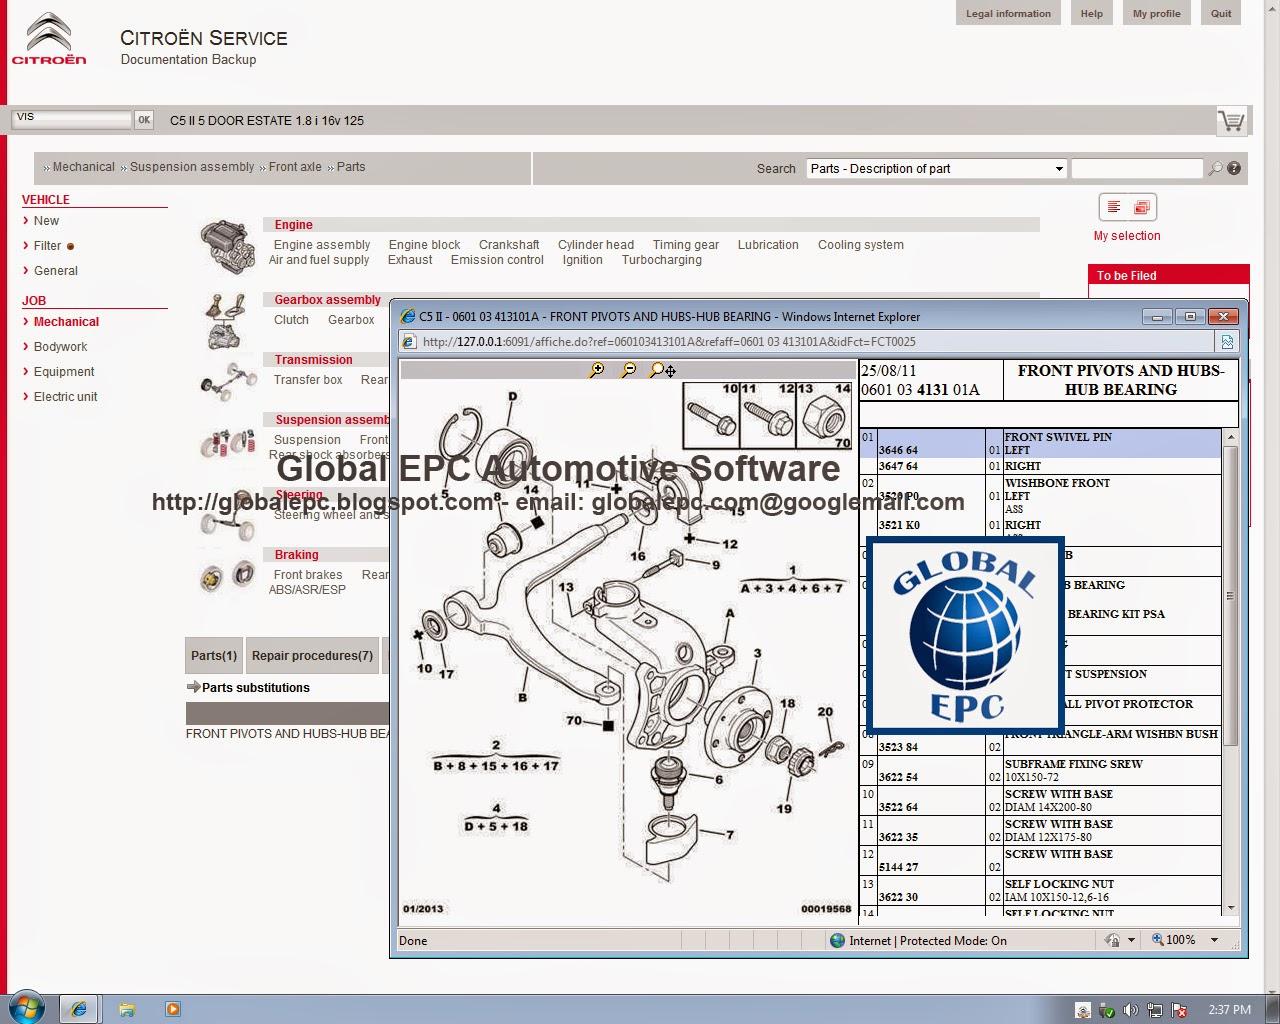 Global Epc Automotive Software  Citroen Service Box 11 2013 Epc Parts Catalogue  Repair Manuals